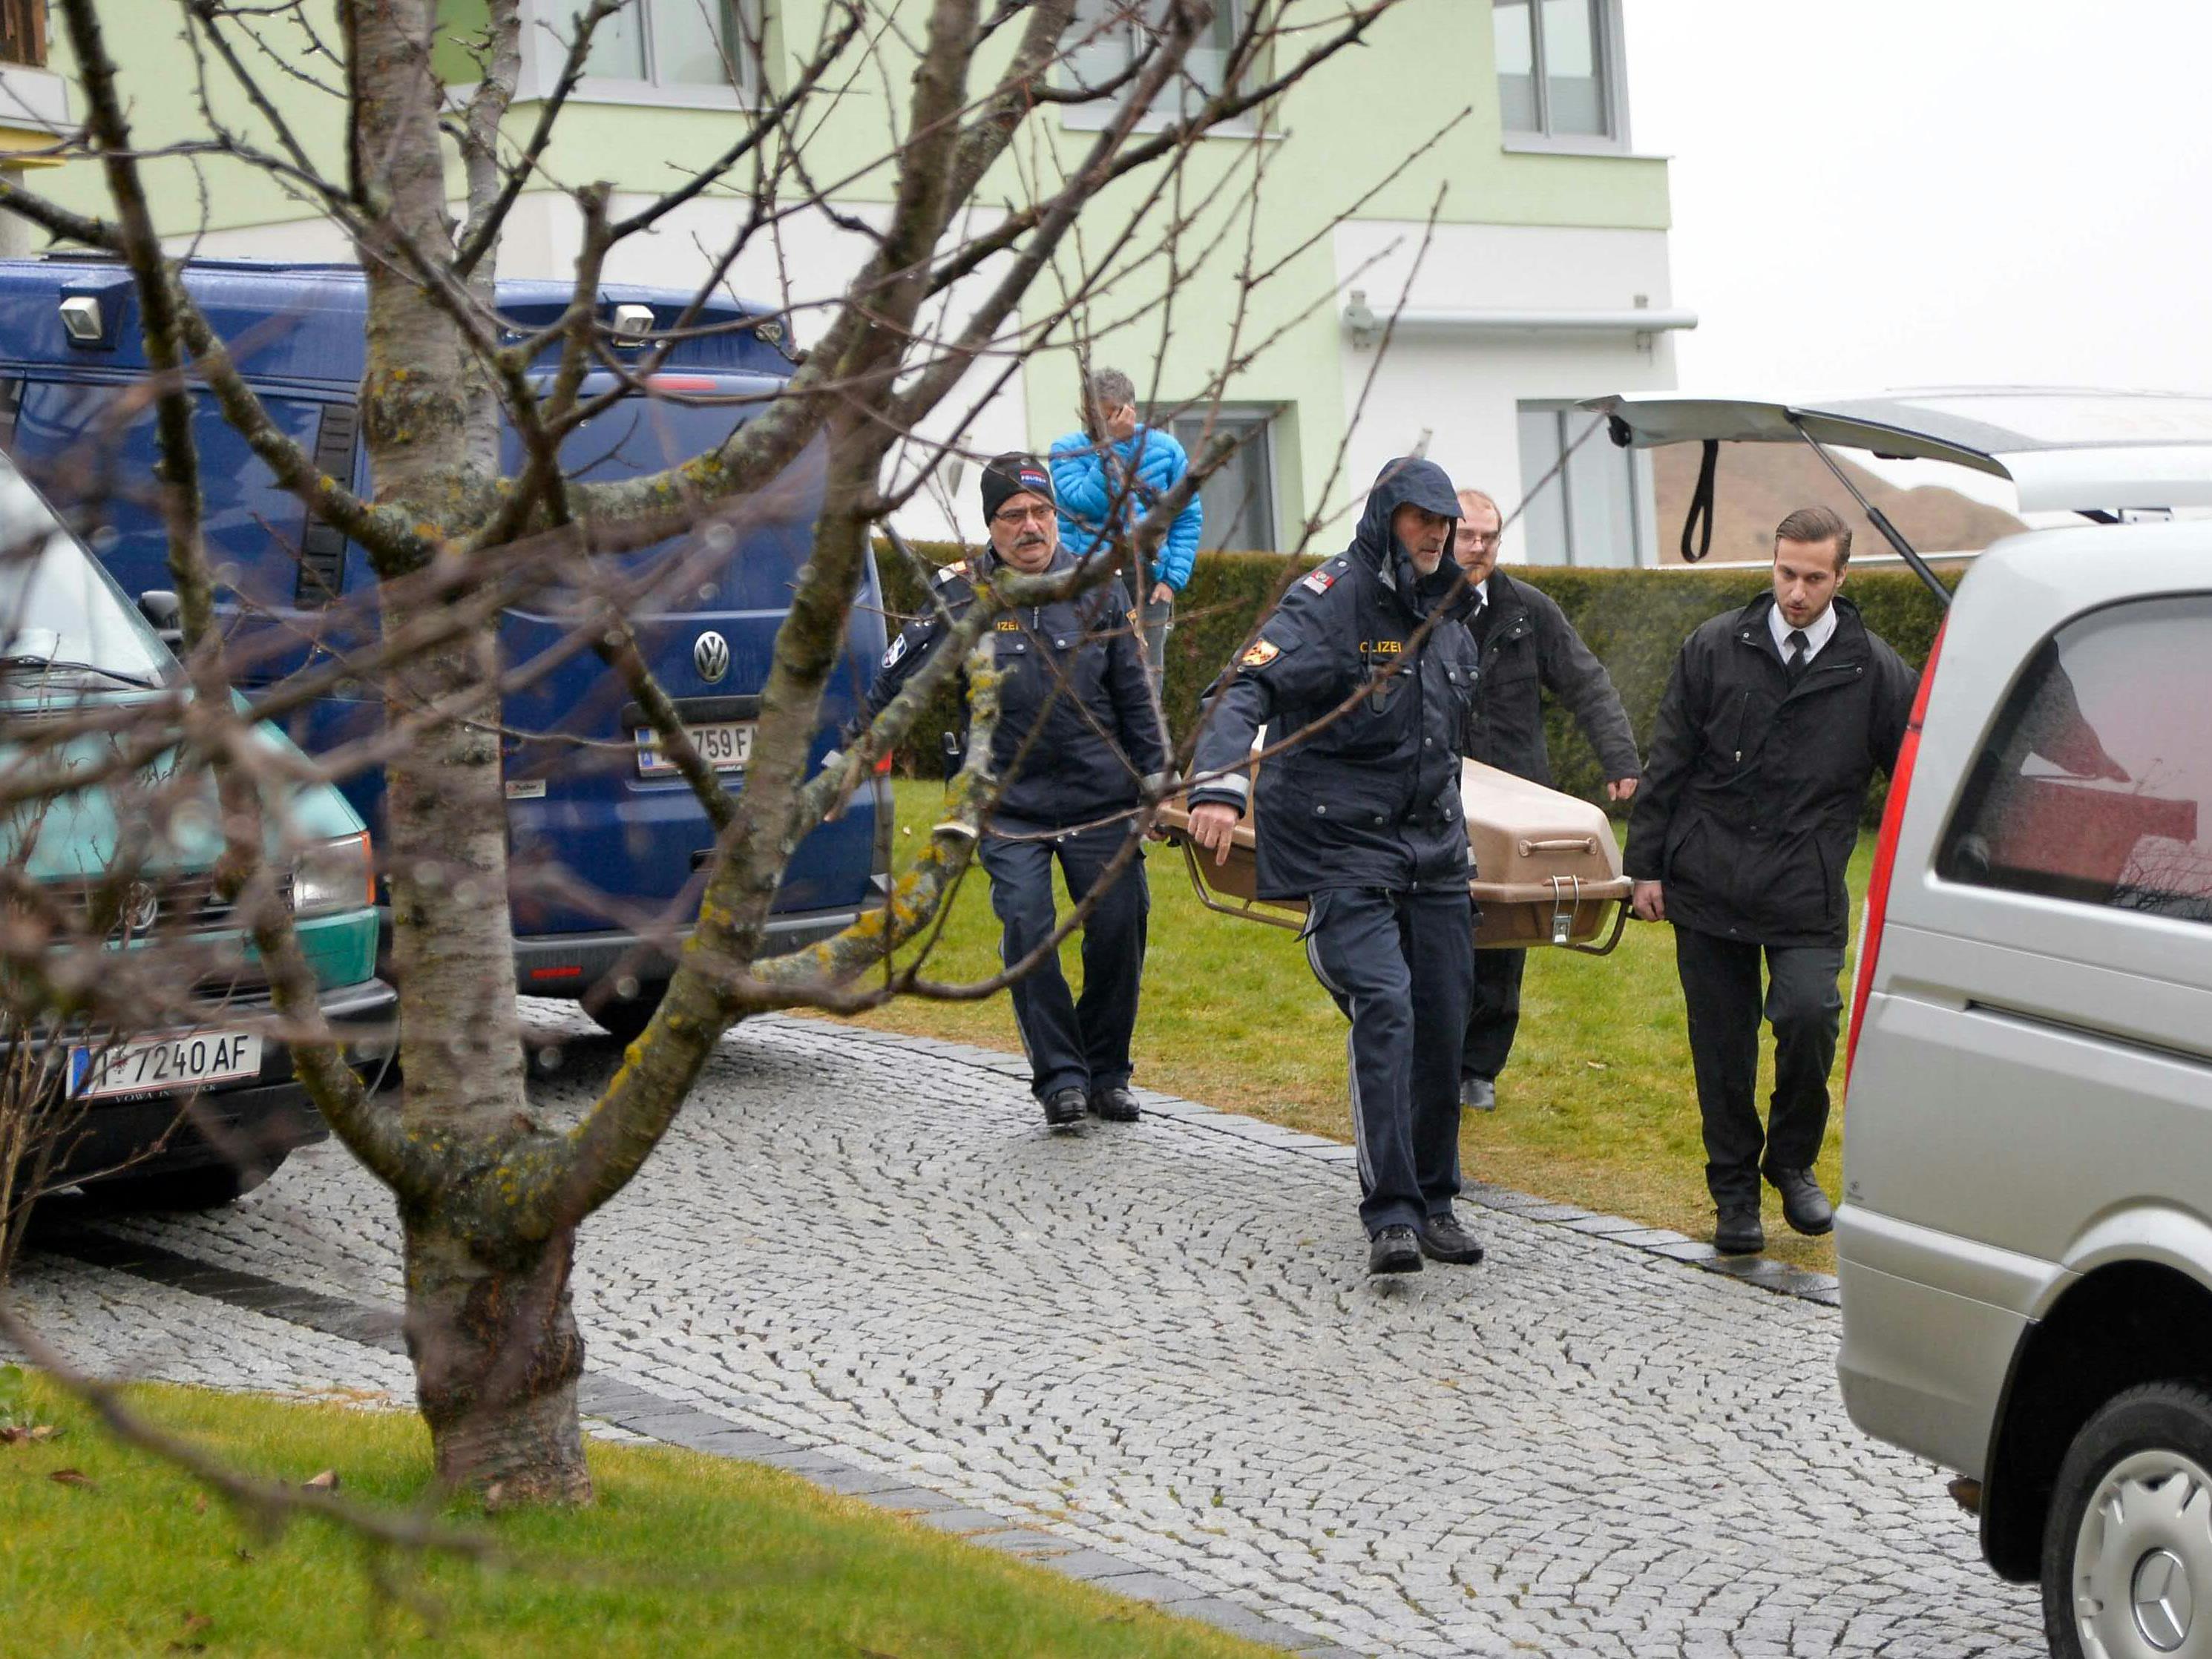 Polizisten tragen die Leiche des 39-Jährigen aus dem Haus.